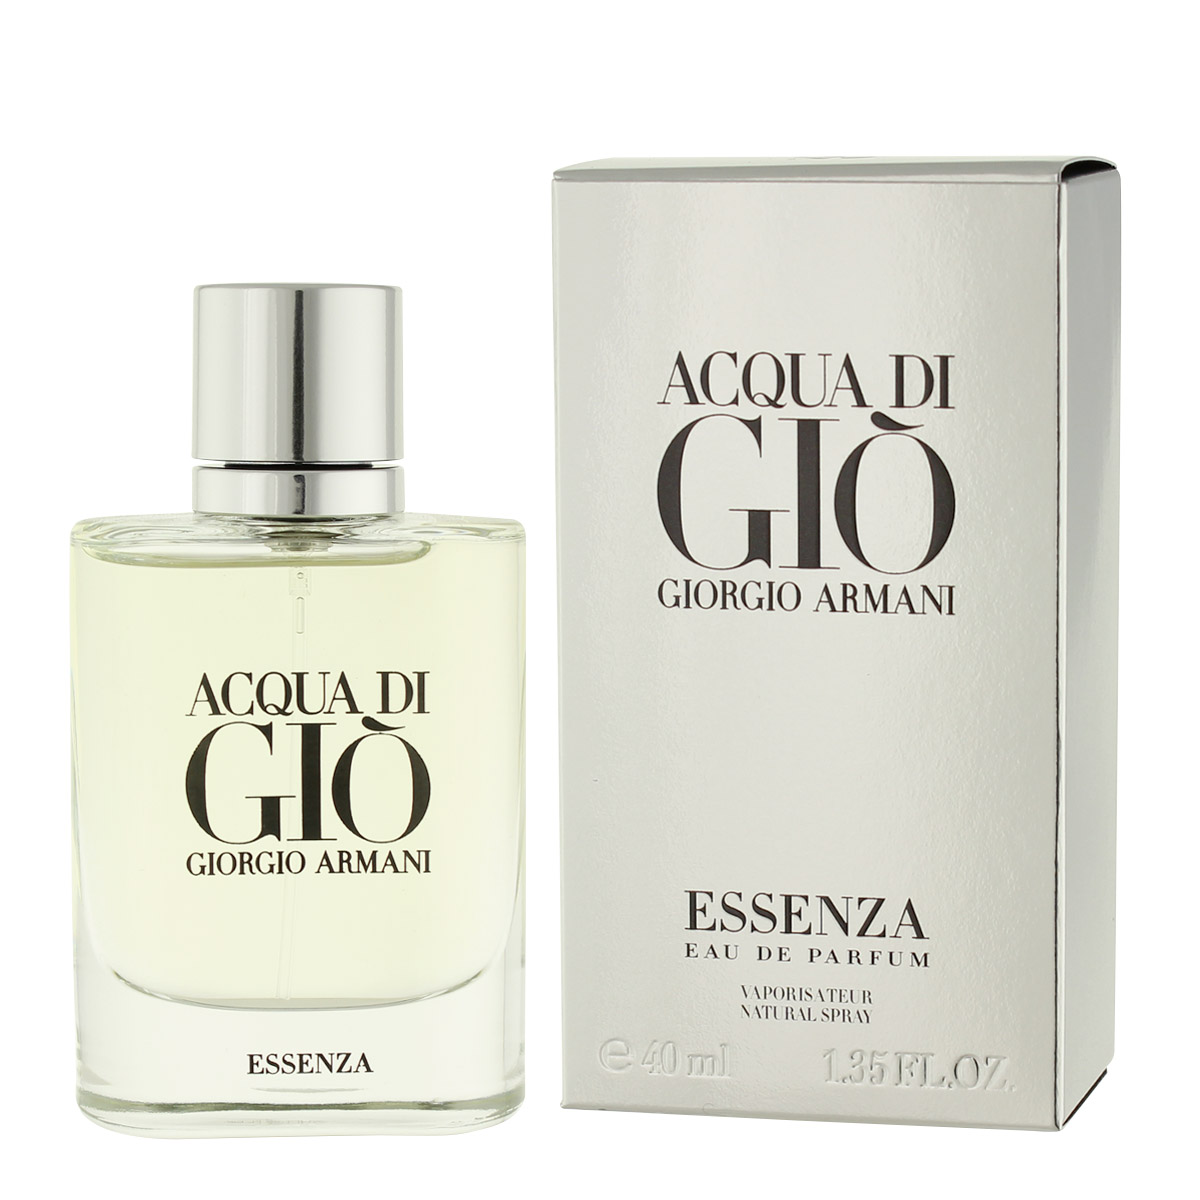 Armani Giorgio Acqua di Gio Essenza EDP 40 ml M